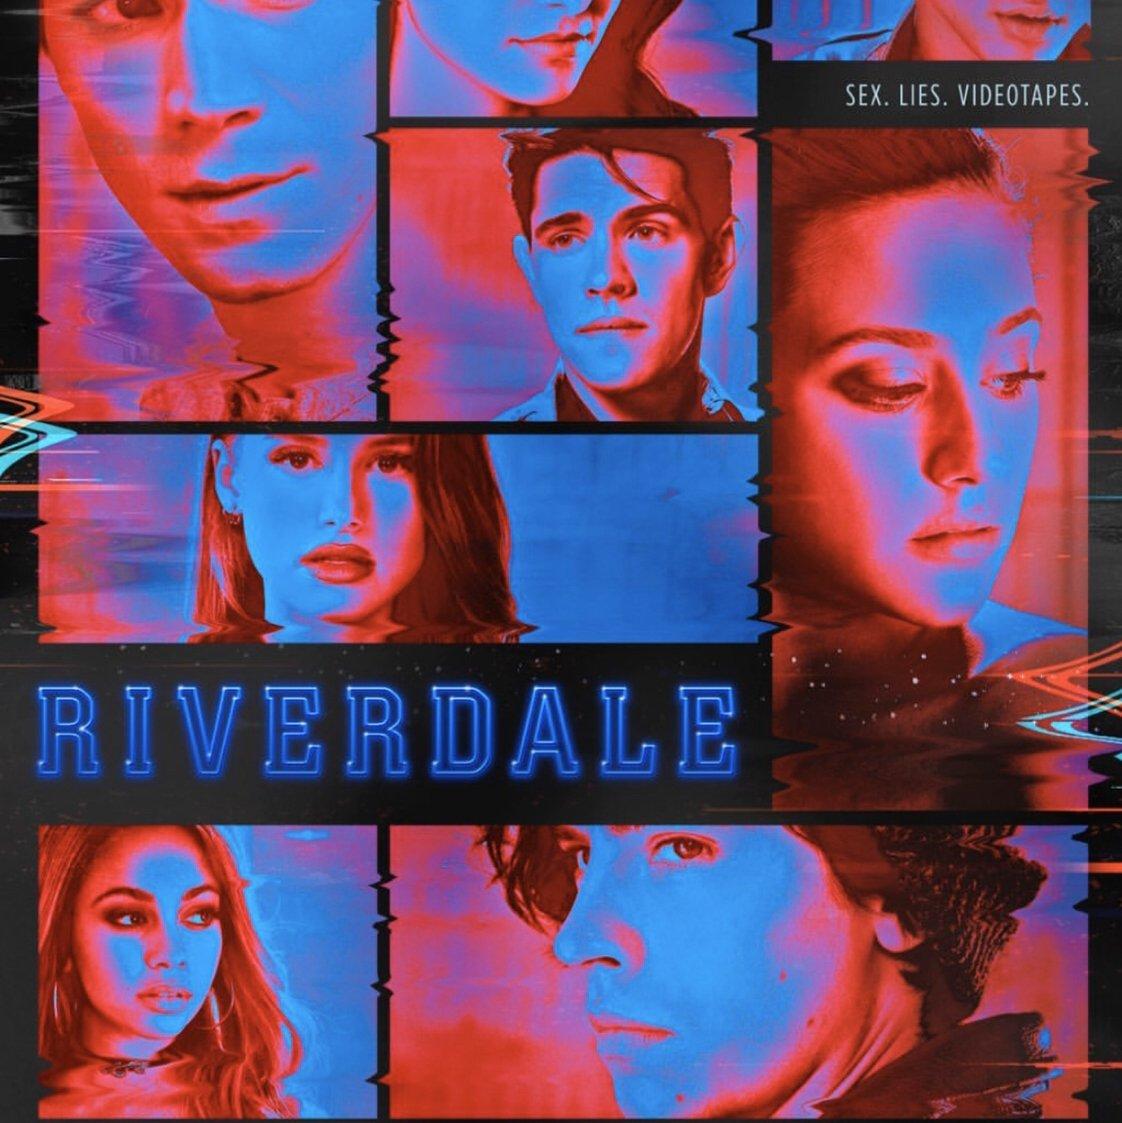 #riverdale season premier tonight..